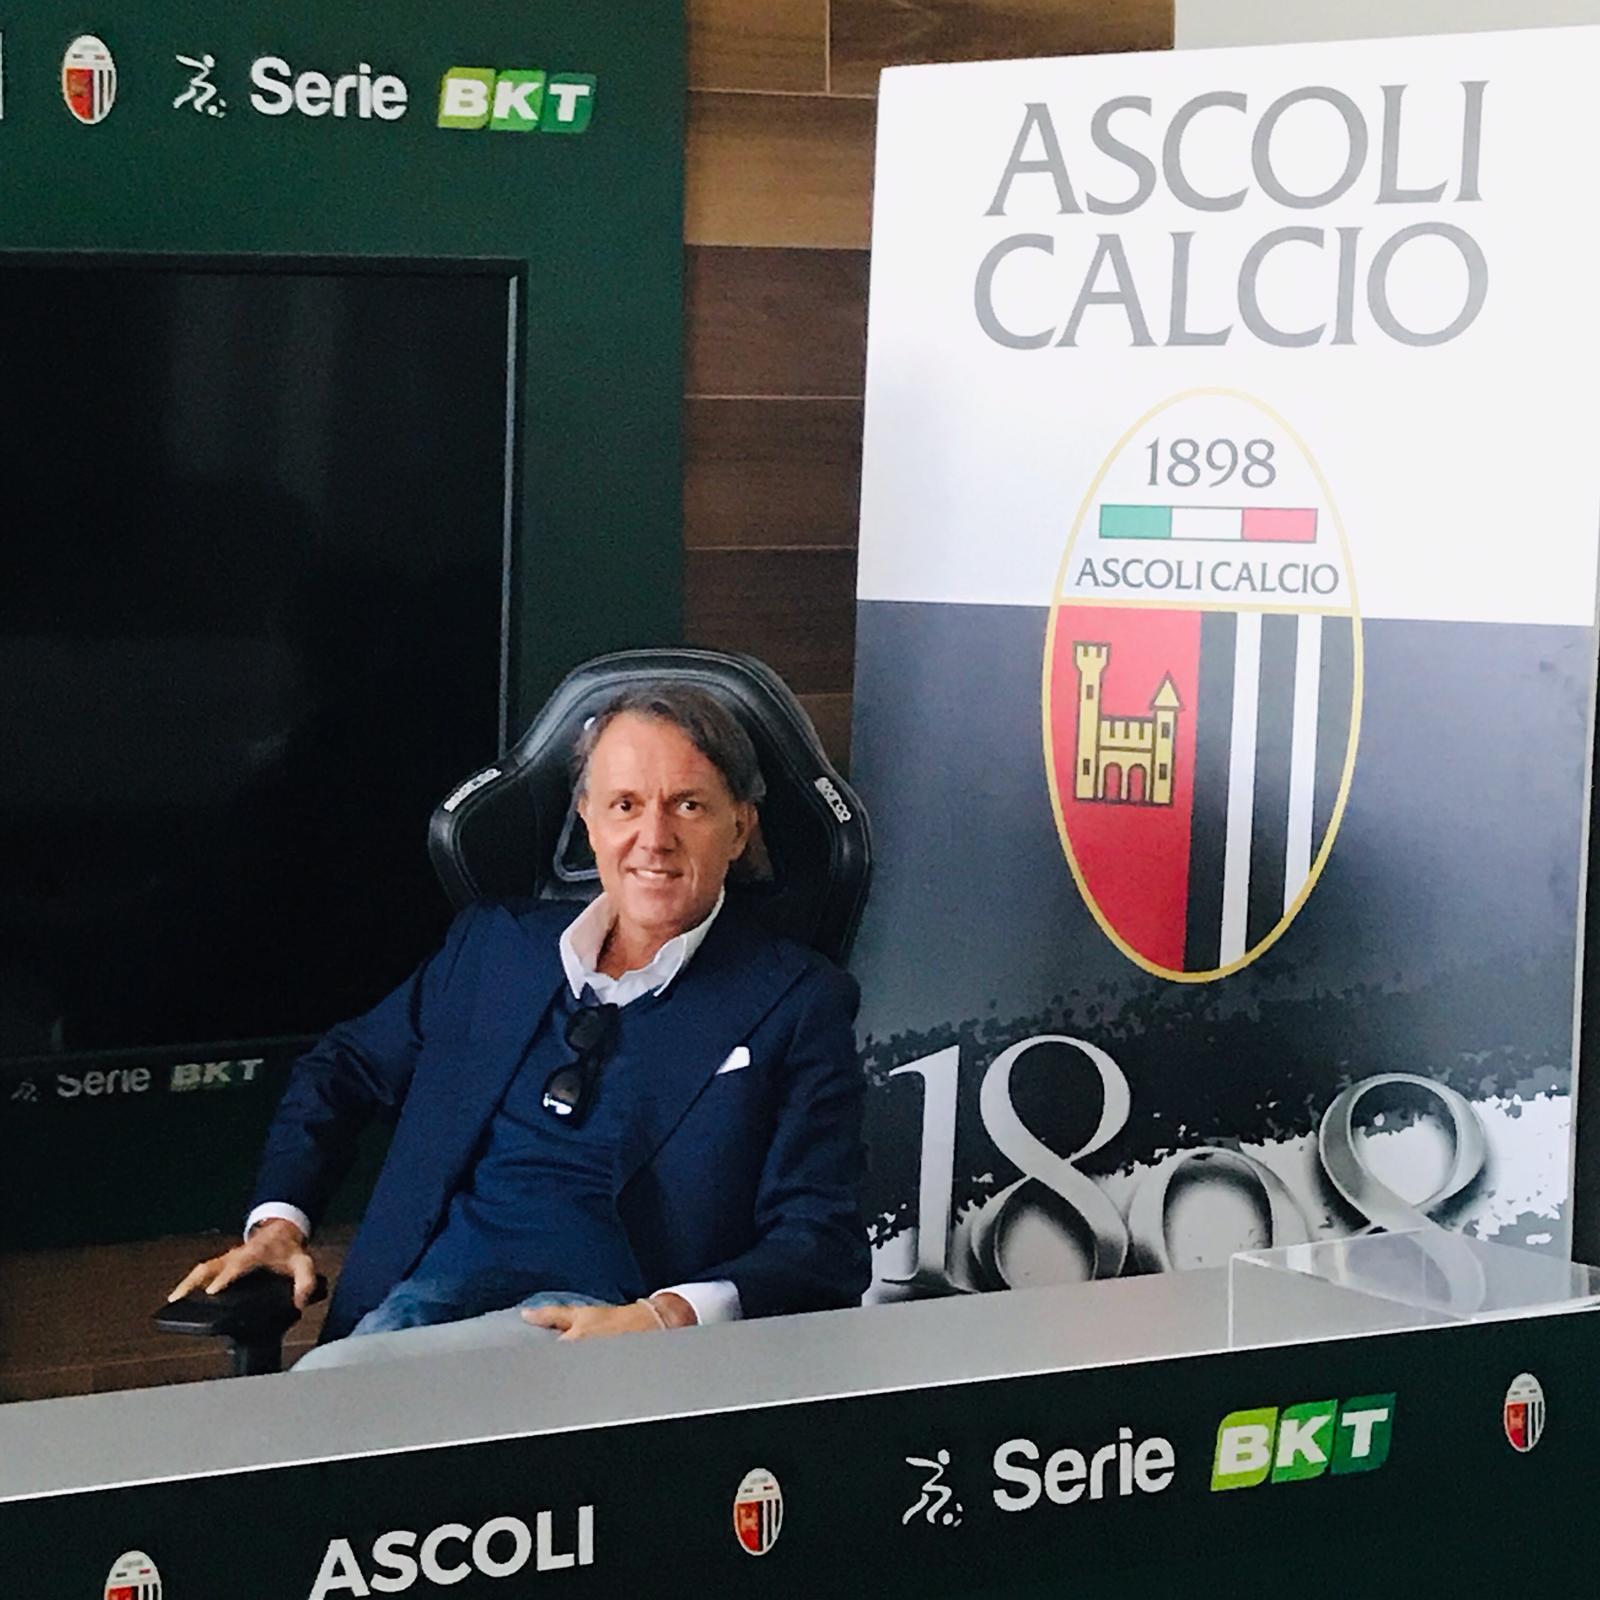 DI MASO: PORTERO' A ROMA IL PRIMO BUSINESS MEETING DELL'ASCOLI CALCIO